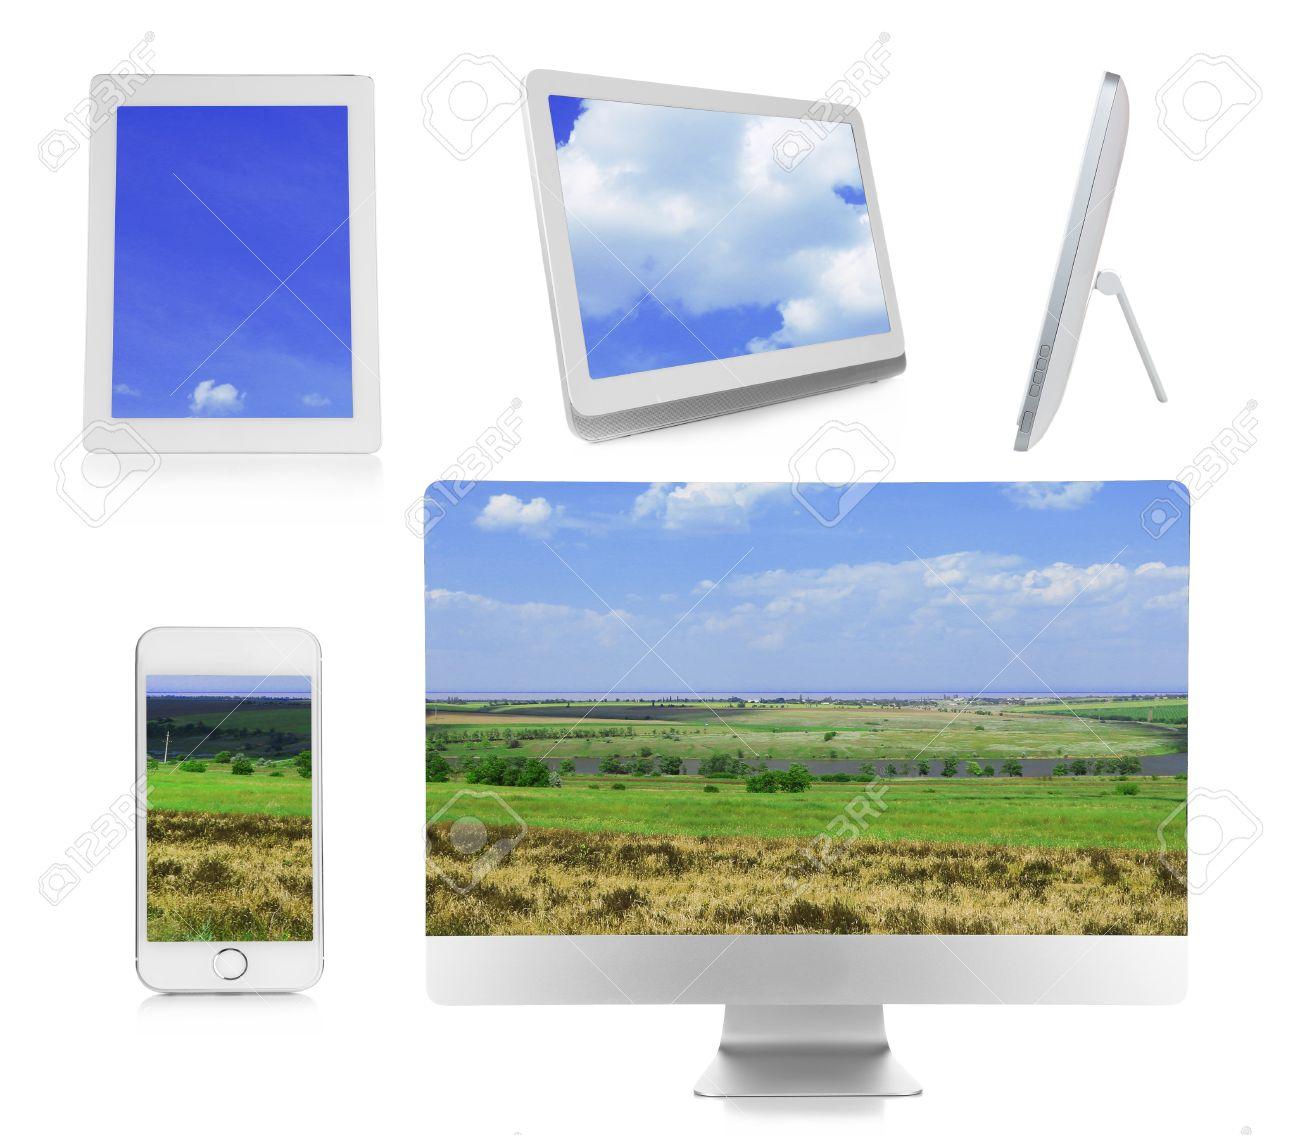 モニター ノート パソコン タブレット 白で隔離のコラージュで画面上の自然の壁紙と携帯電話 の写真素材 画像素材 Image